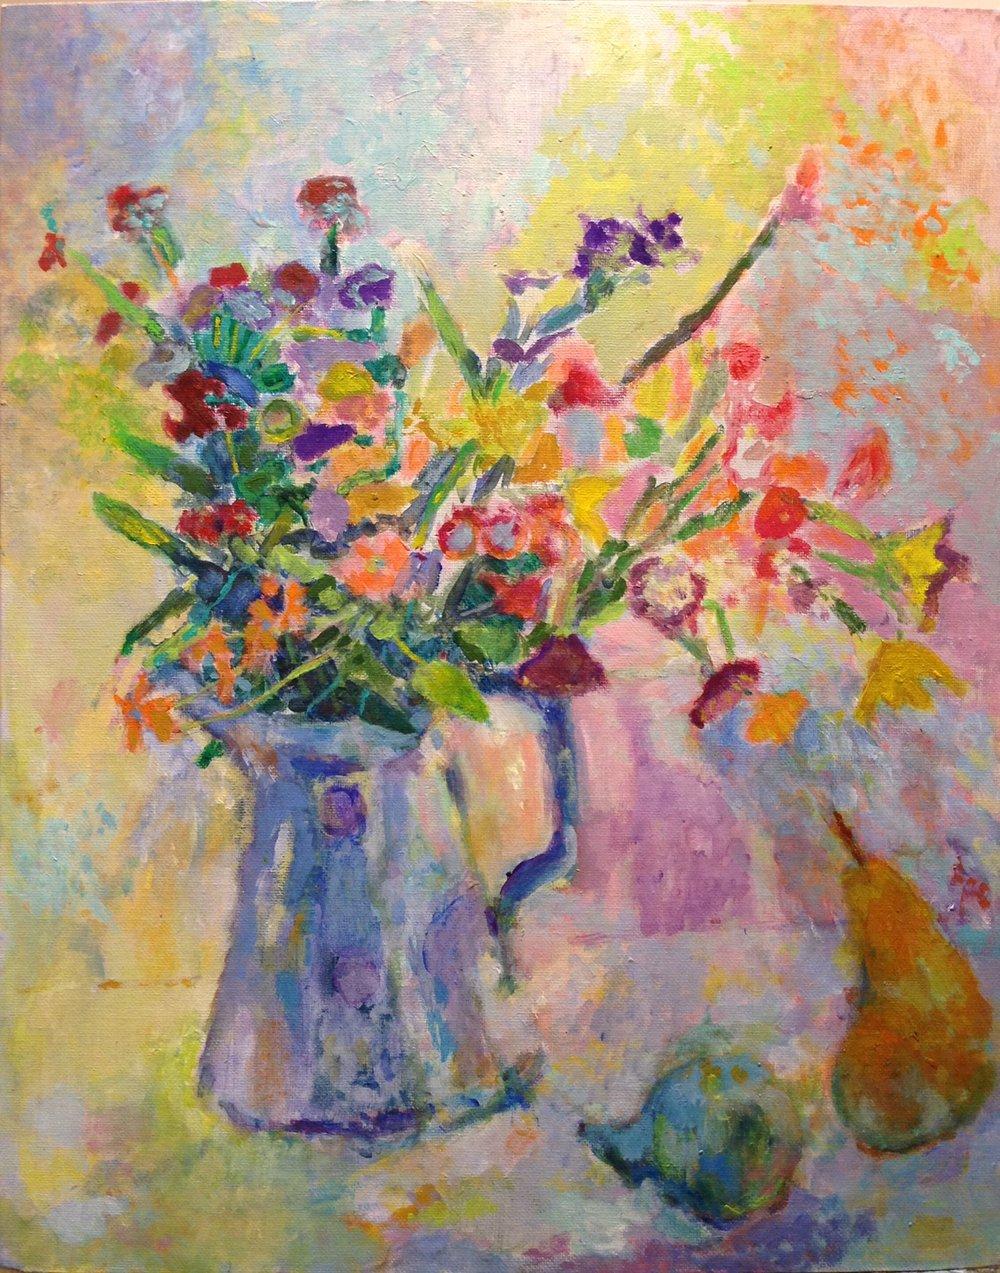 11_pears and flowers.jpg